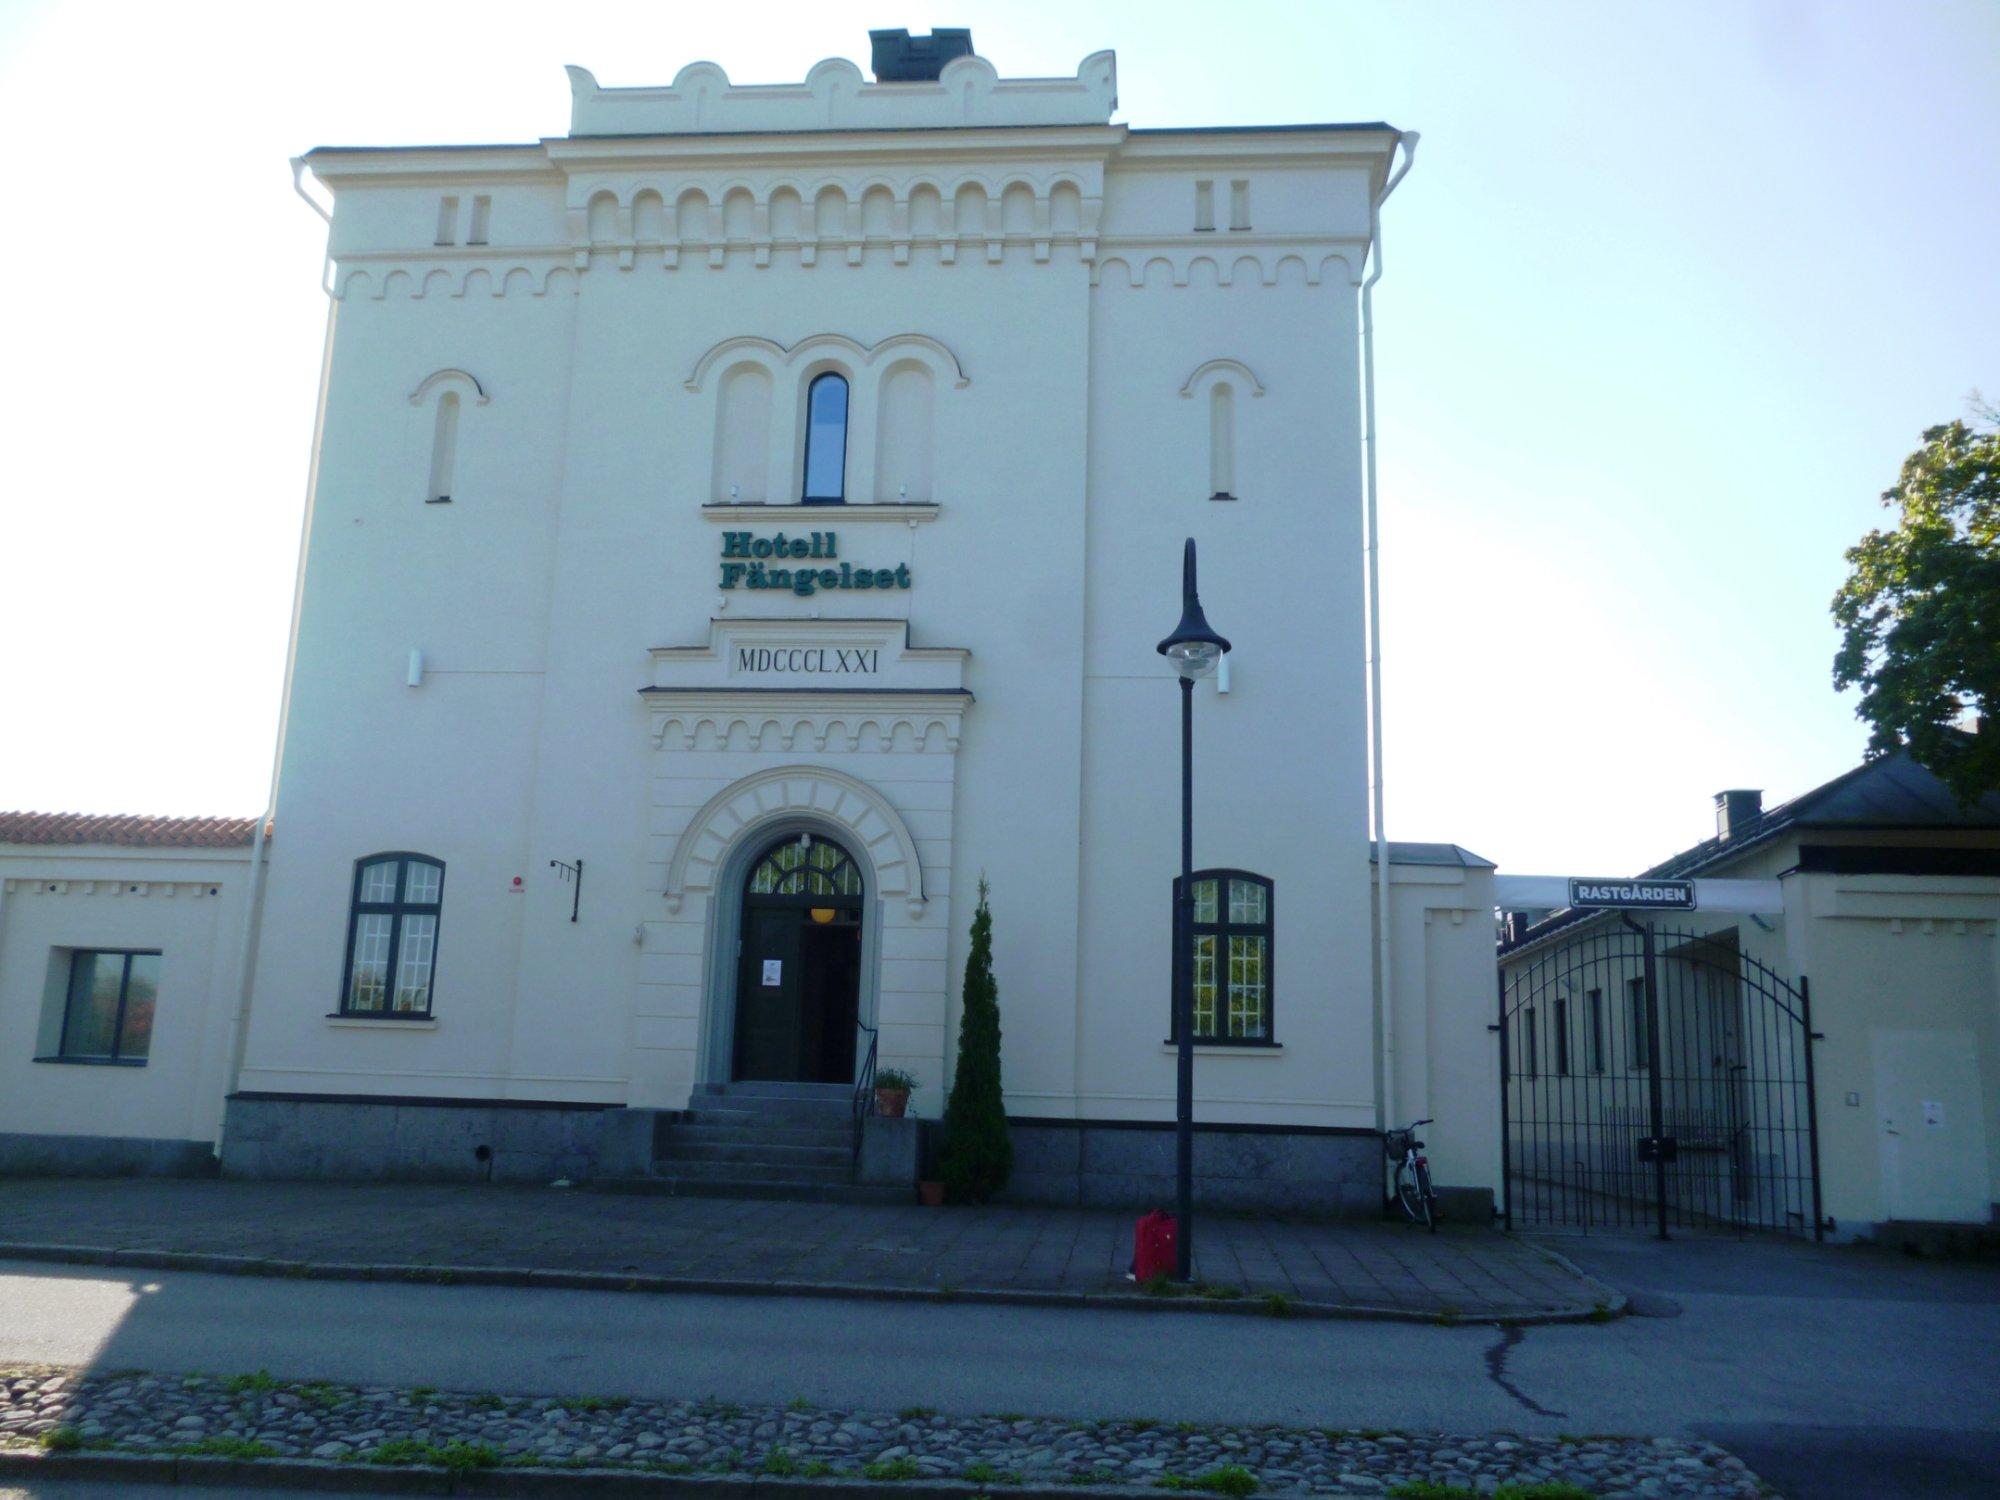 Hotell Fangelset